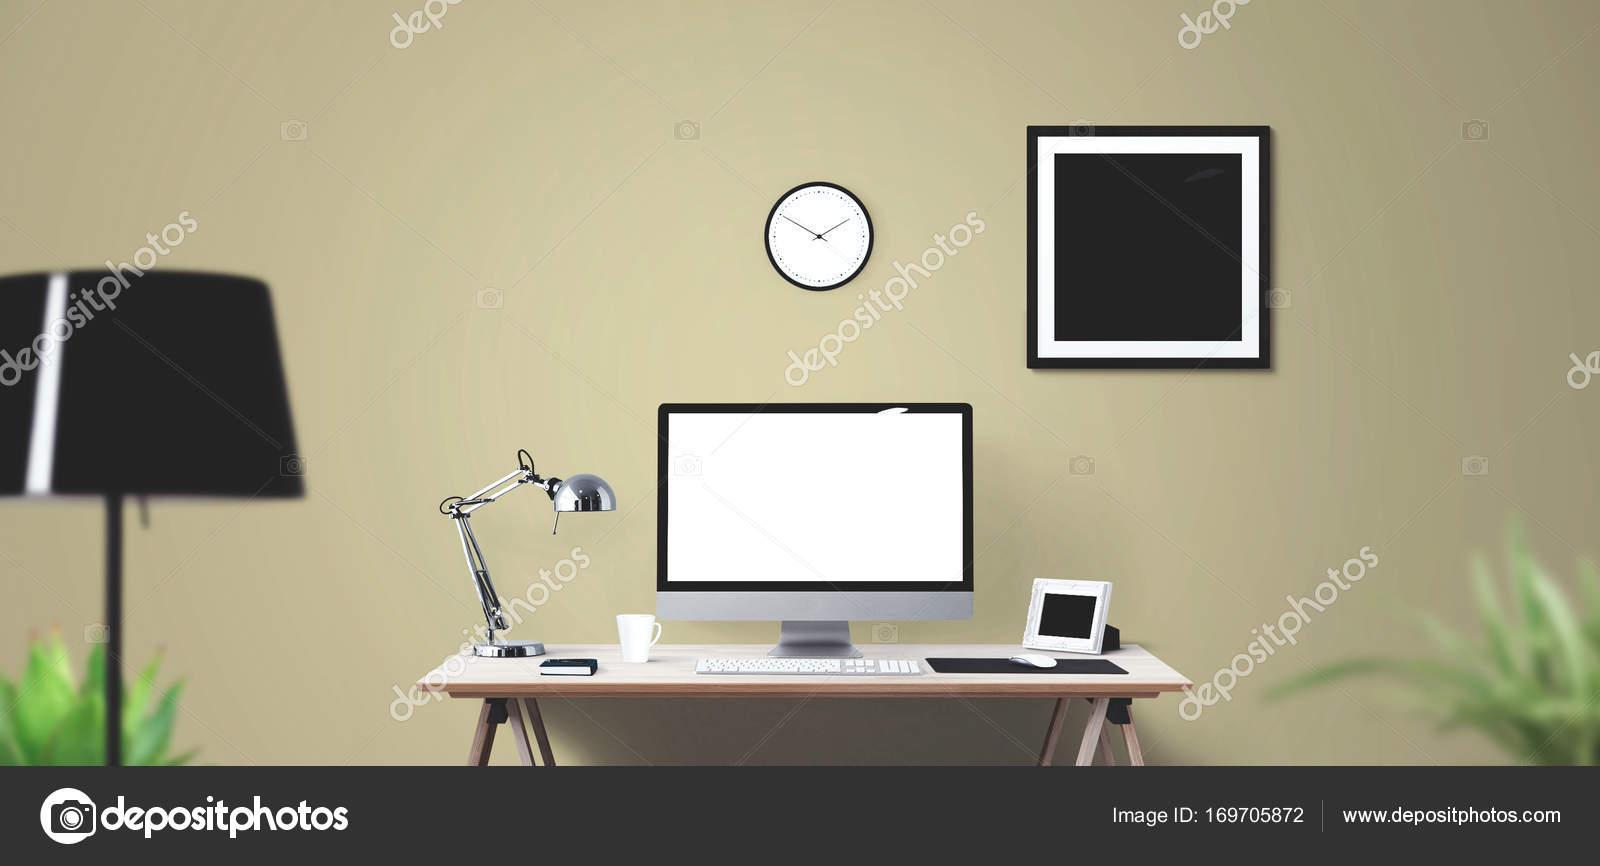 Computerdisplay Und Burogerate Auf Dem Schreibtisch Desktop Computerbildschirm Isoliert Modernen Kreativen Arbeitsplatz Hintergrund Frontansicht Stockfoto C Vanderon 169705872